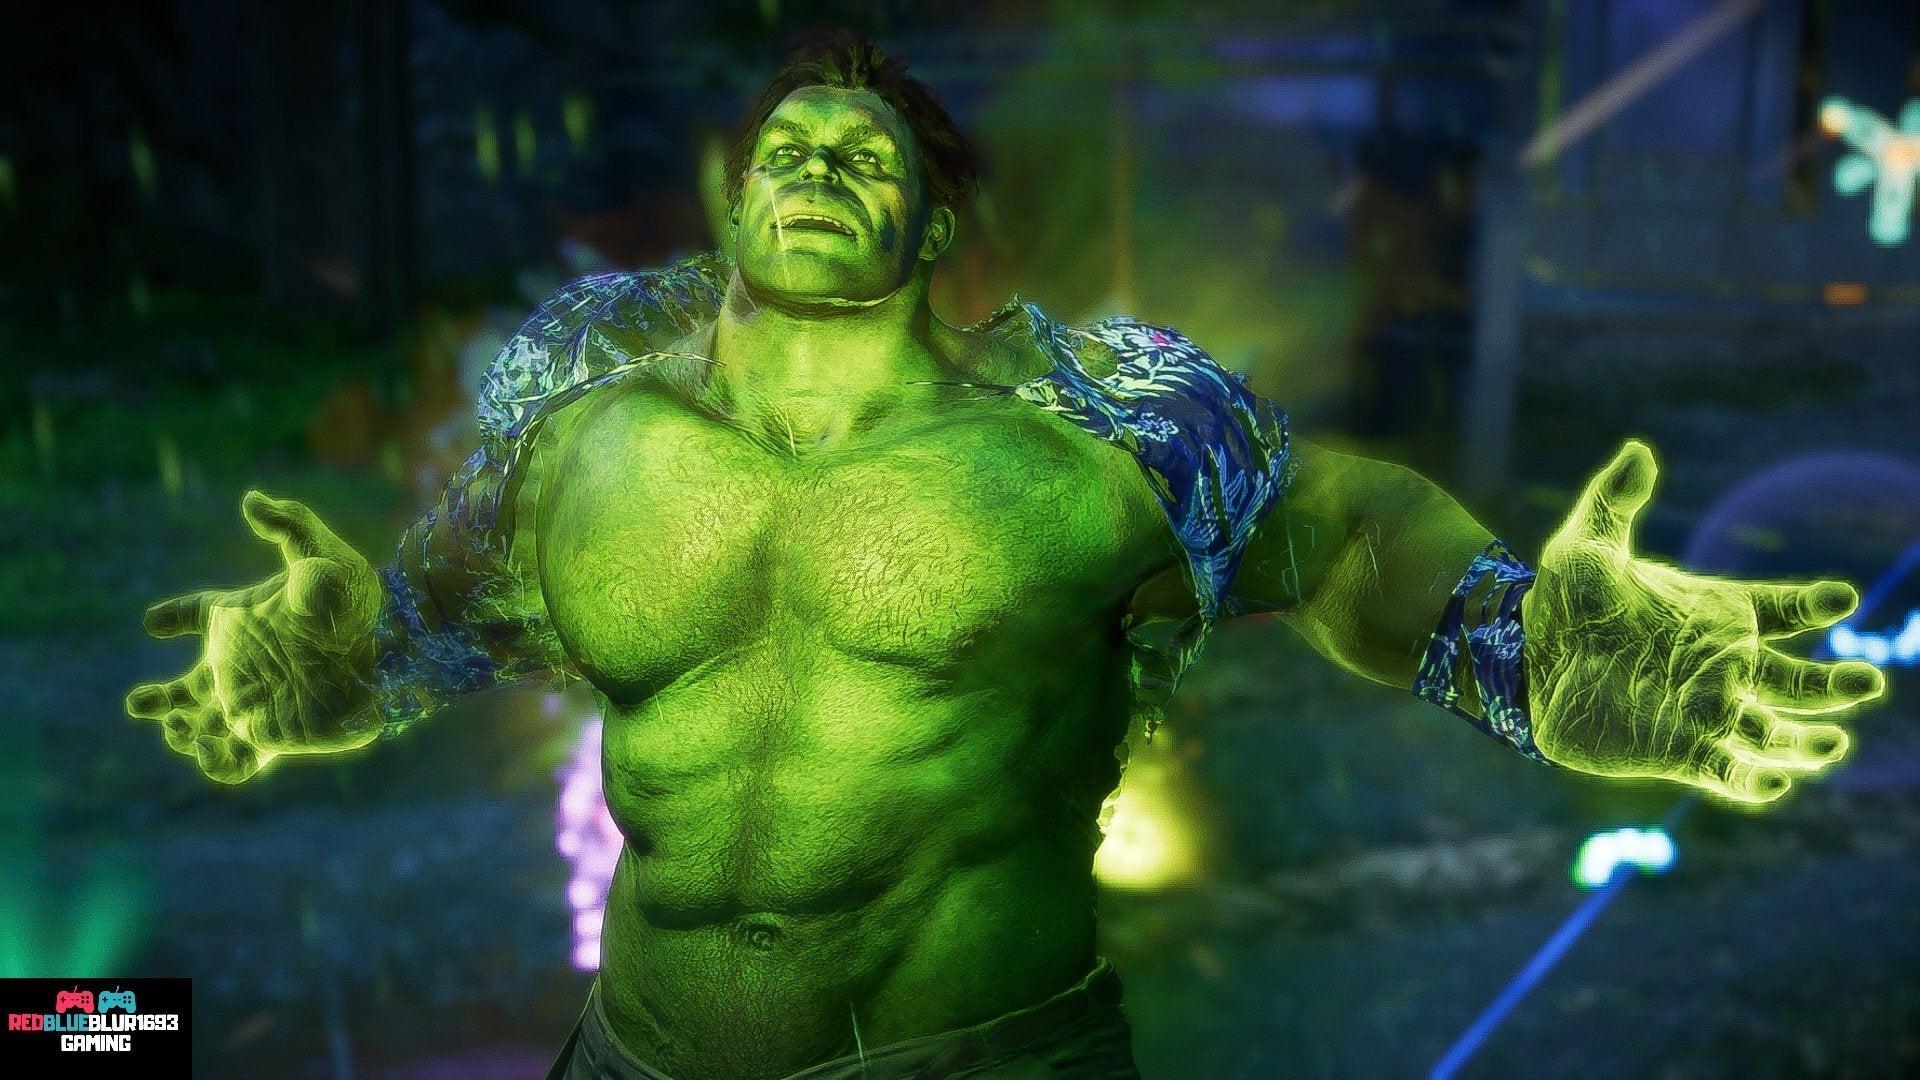 Hulk wearing his Hawaiian shirt